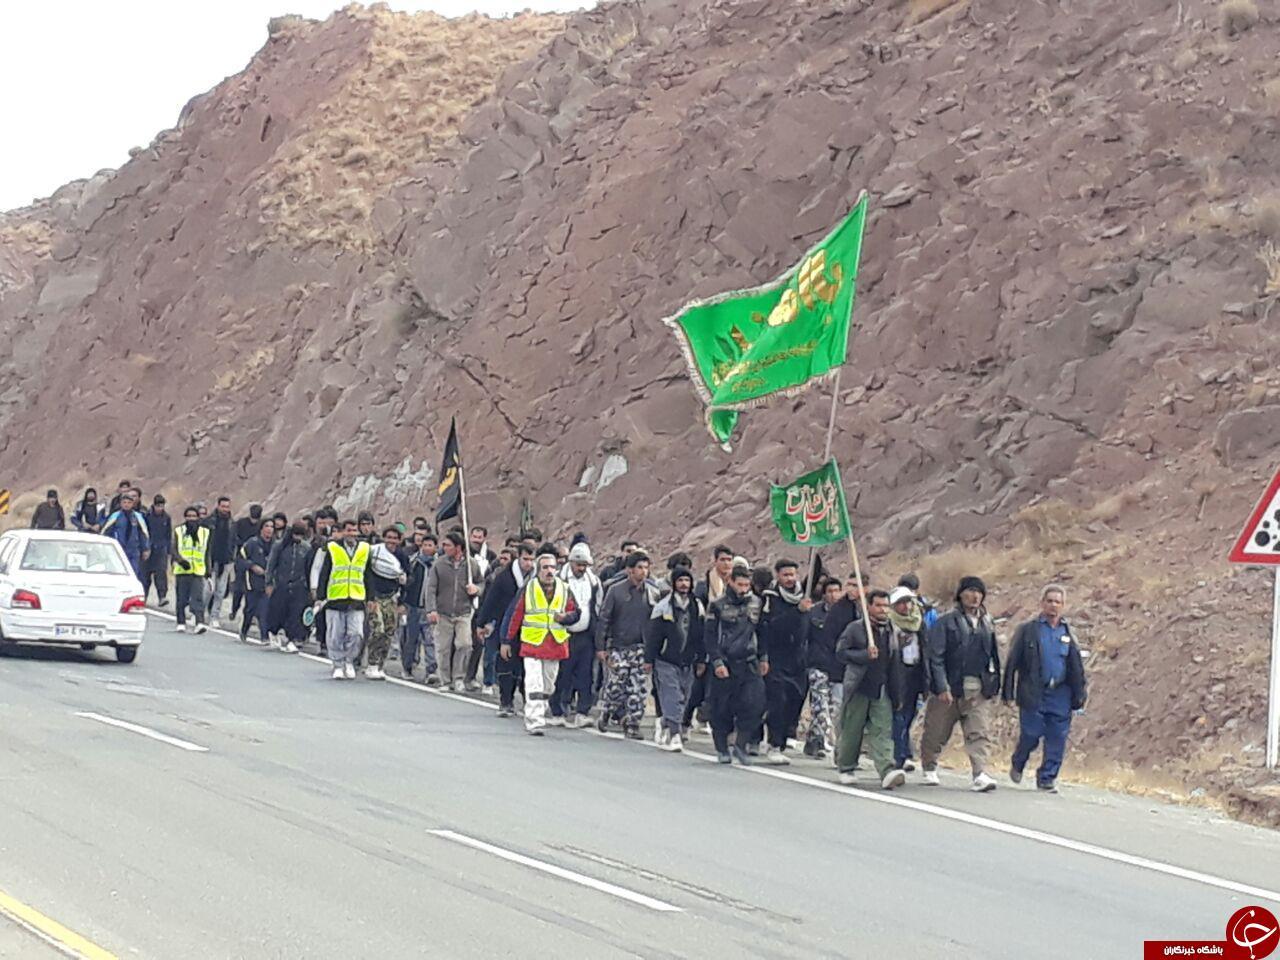 مردم تربت حیدریه پذیرای 15 هزار زائر پیاده